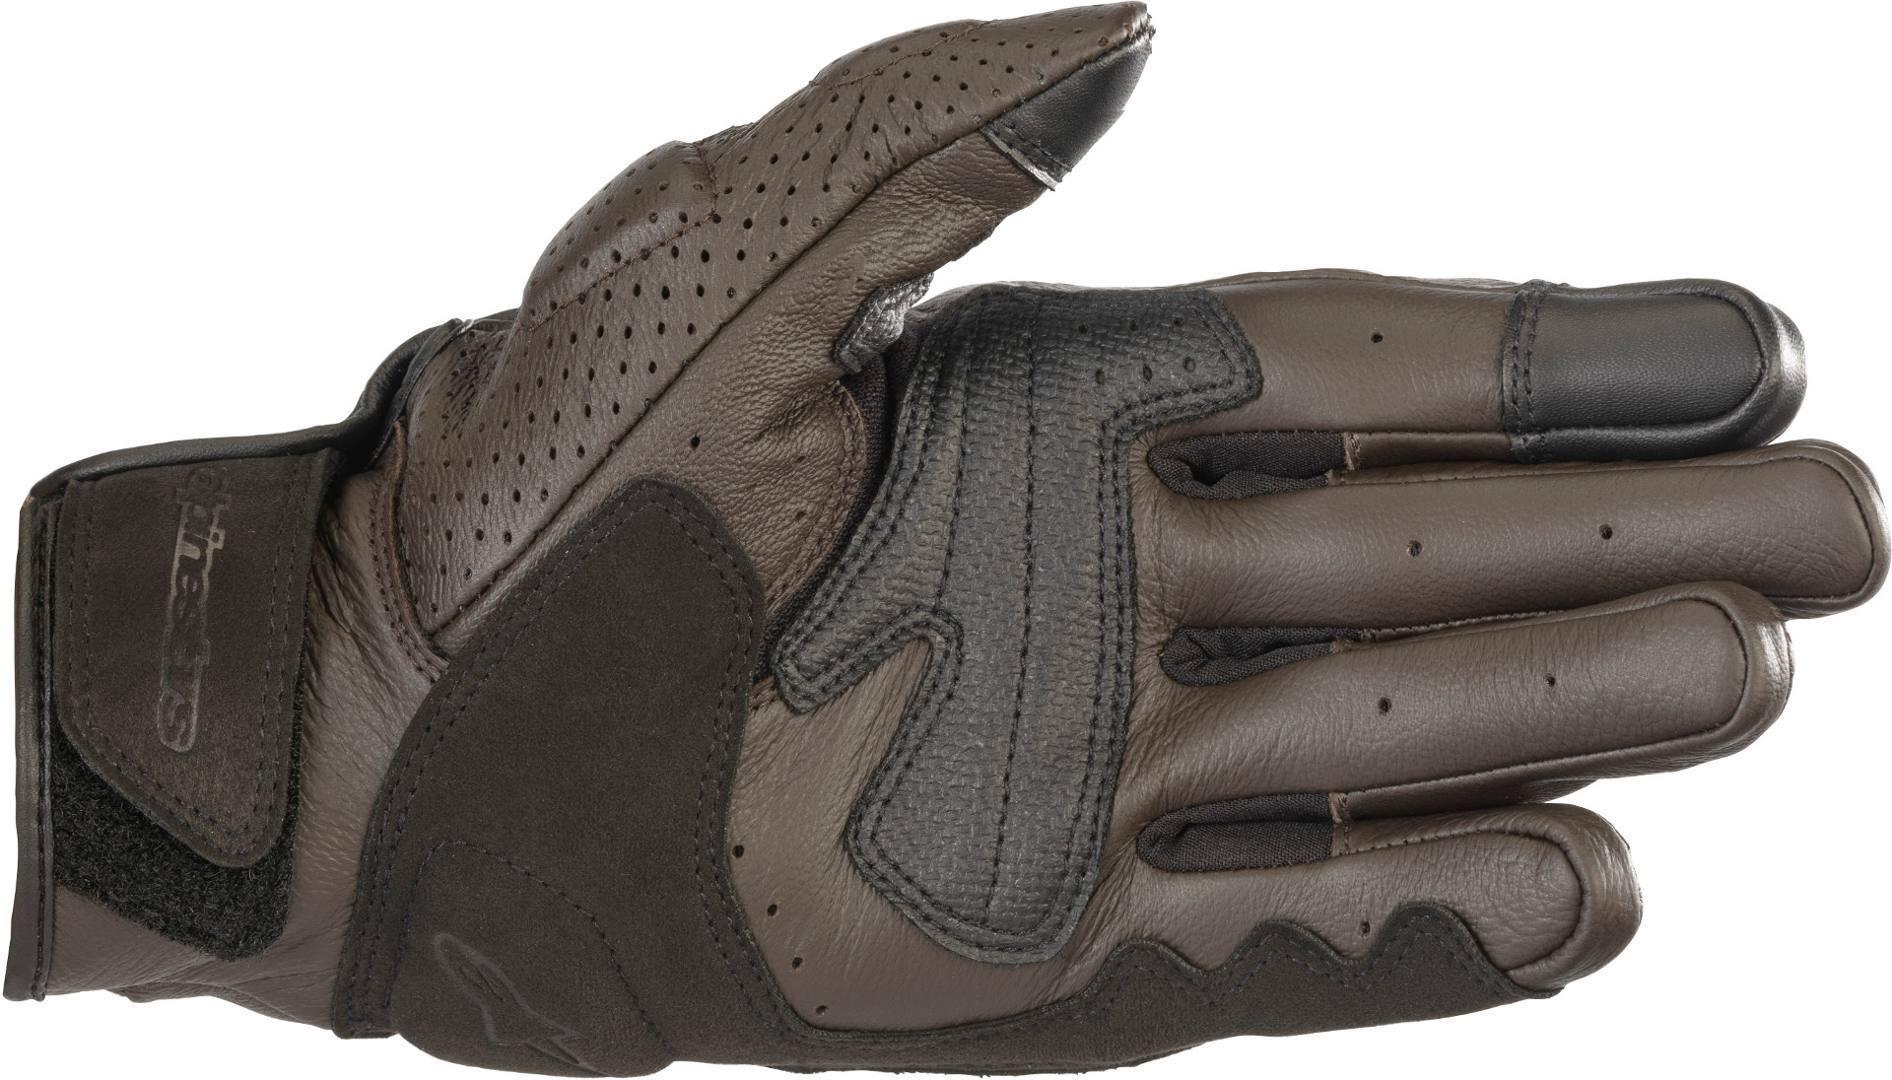 Guanti moto in pelle con protezioni Alpinestars MUSTANG V2 marrone 2